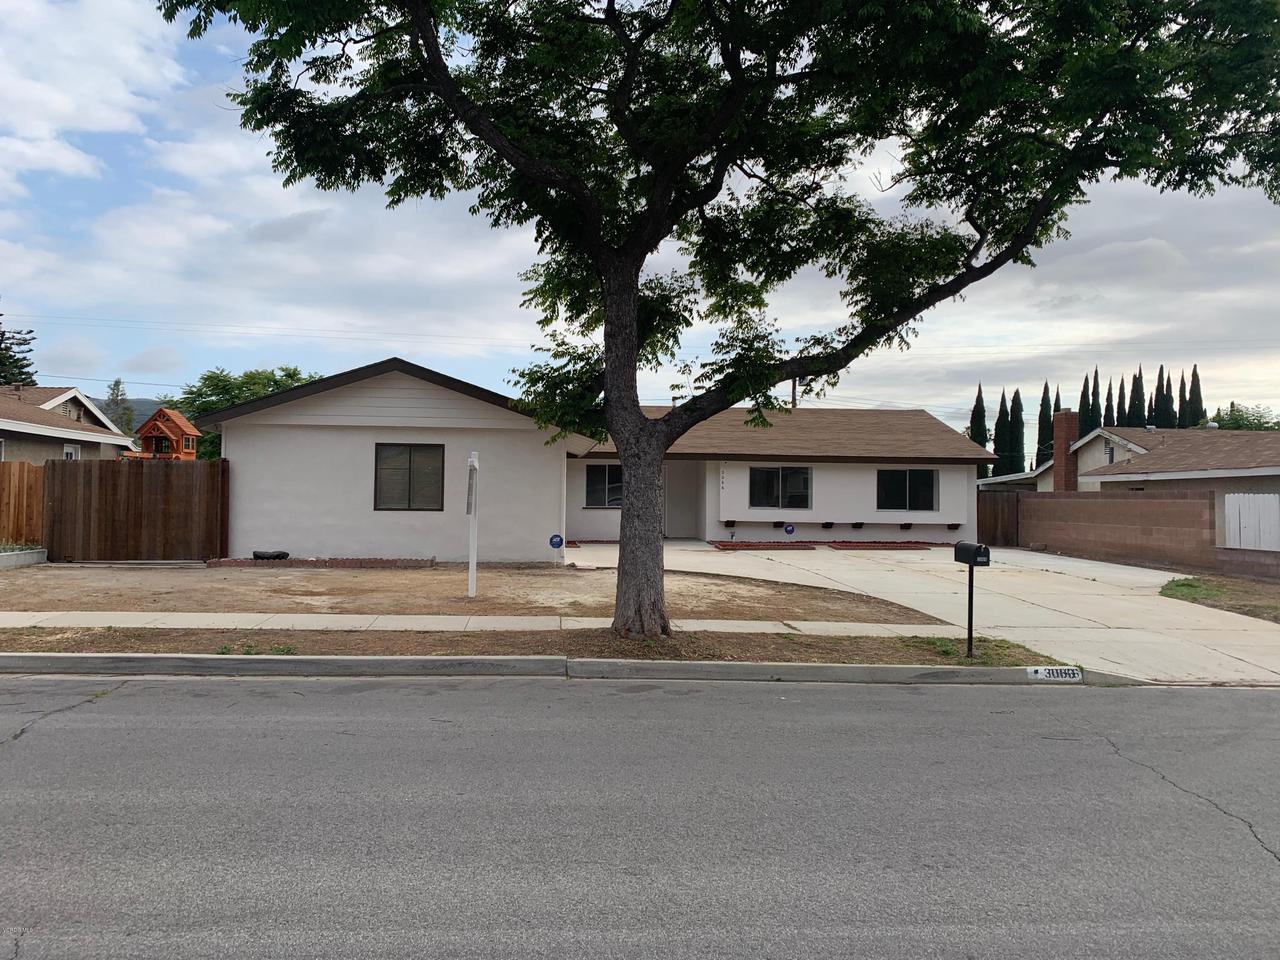 3066 DEACON, Simi Valley, CA 93065 - Deacon 4